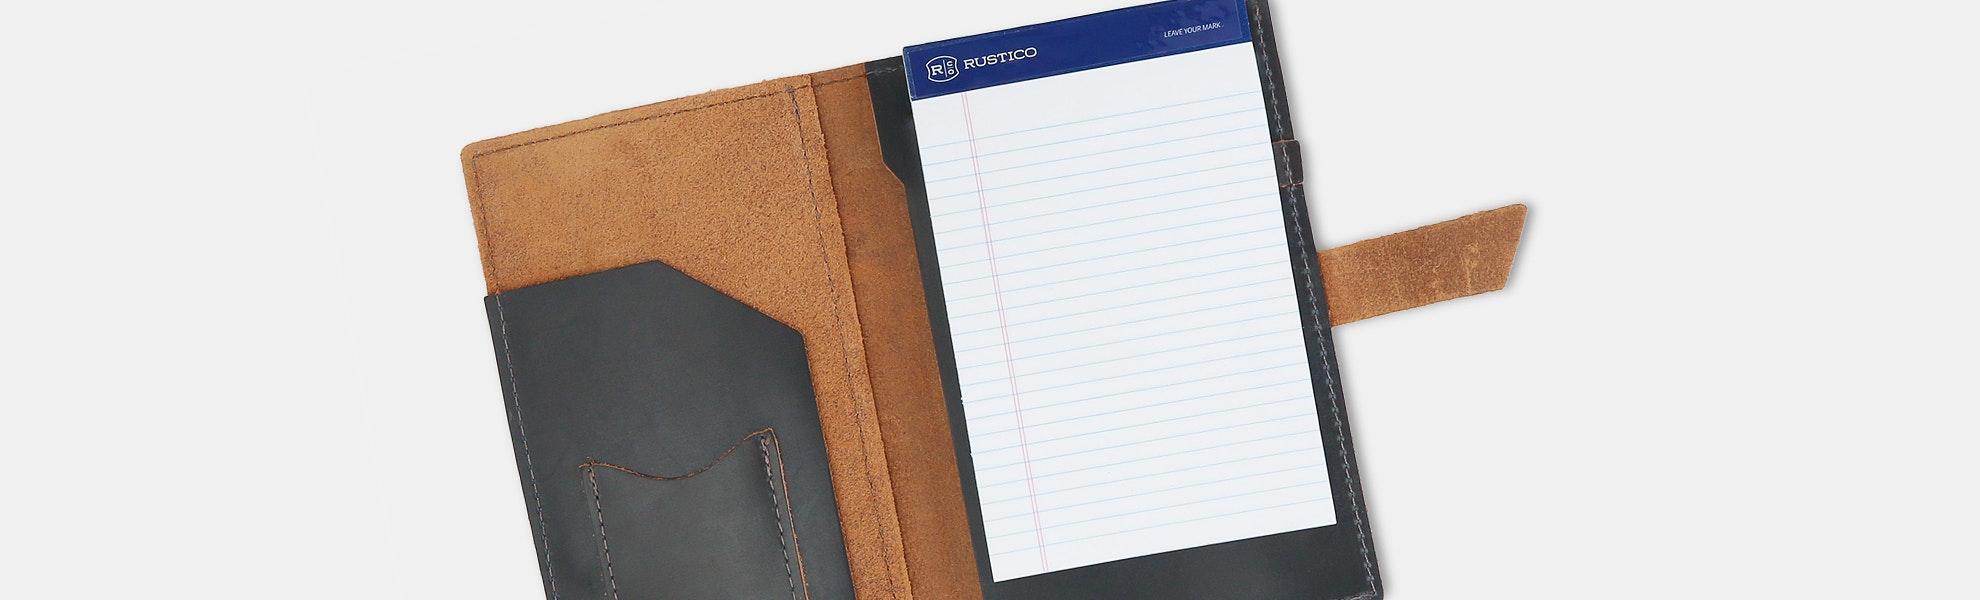 Rustico Leather Pad Portfolio